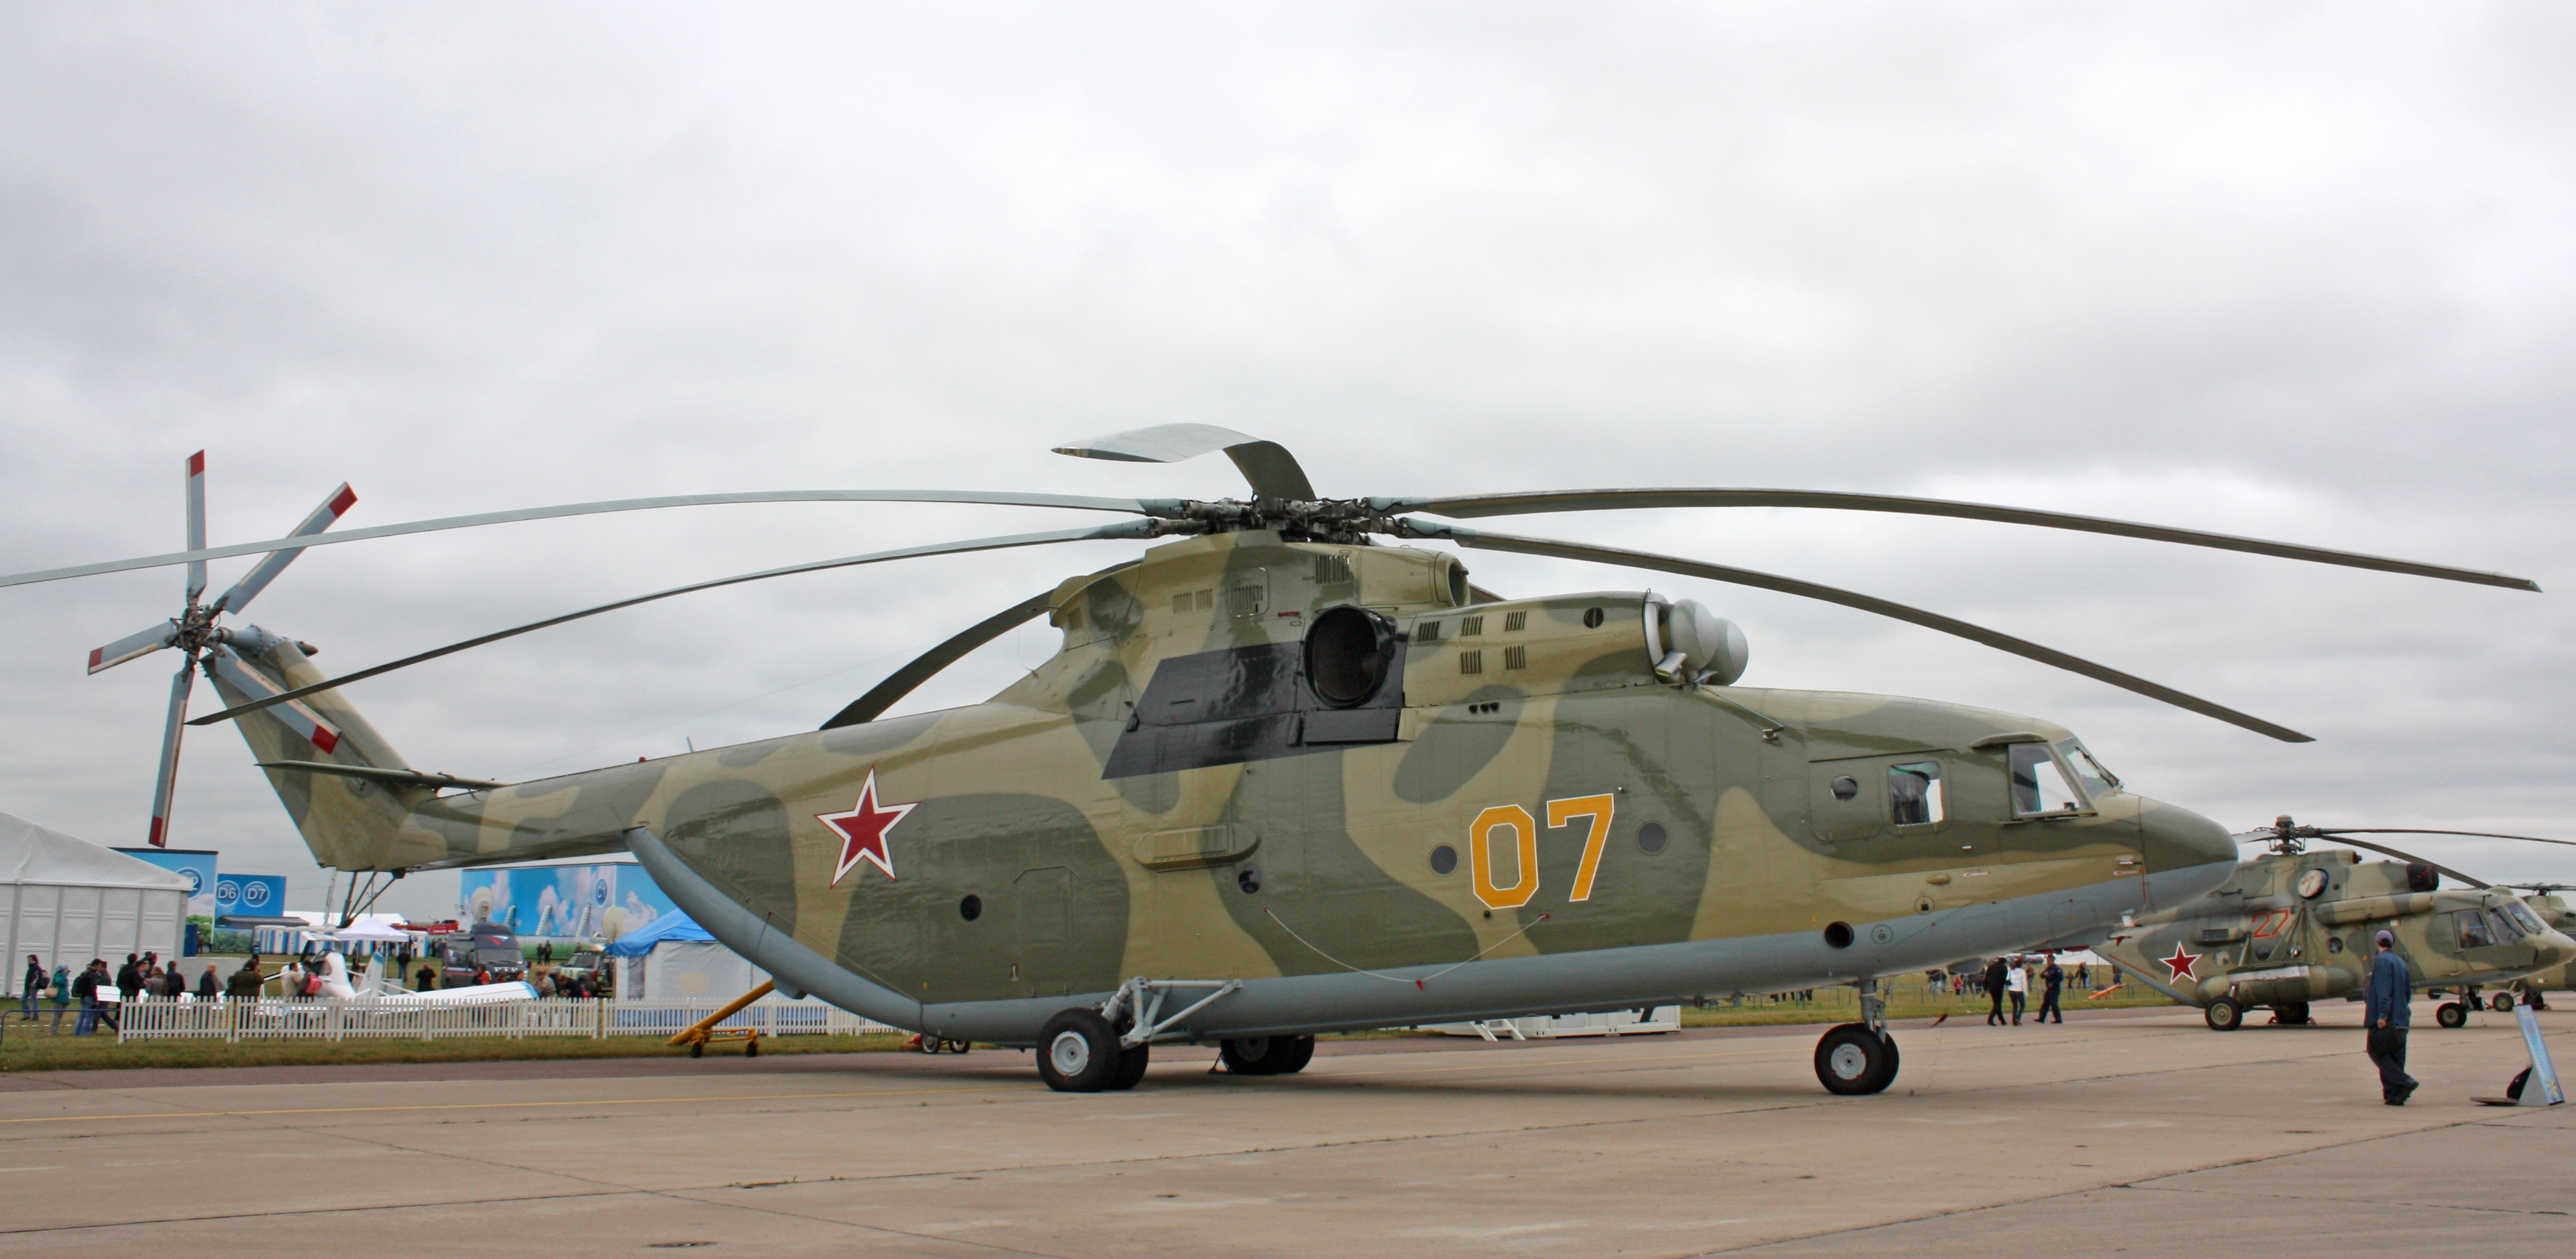 Mil_Mi-26_on_the_MAKS-2009_%2801%29.jpg